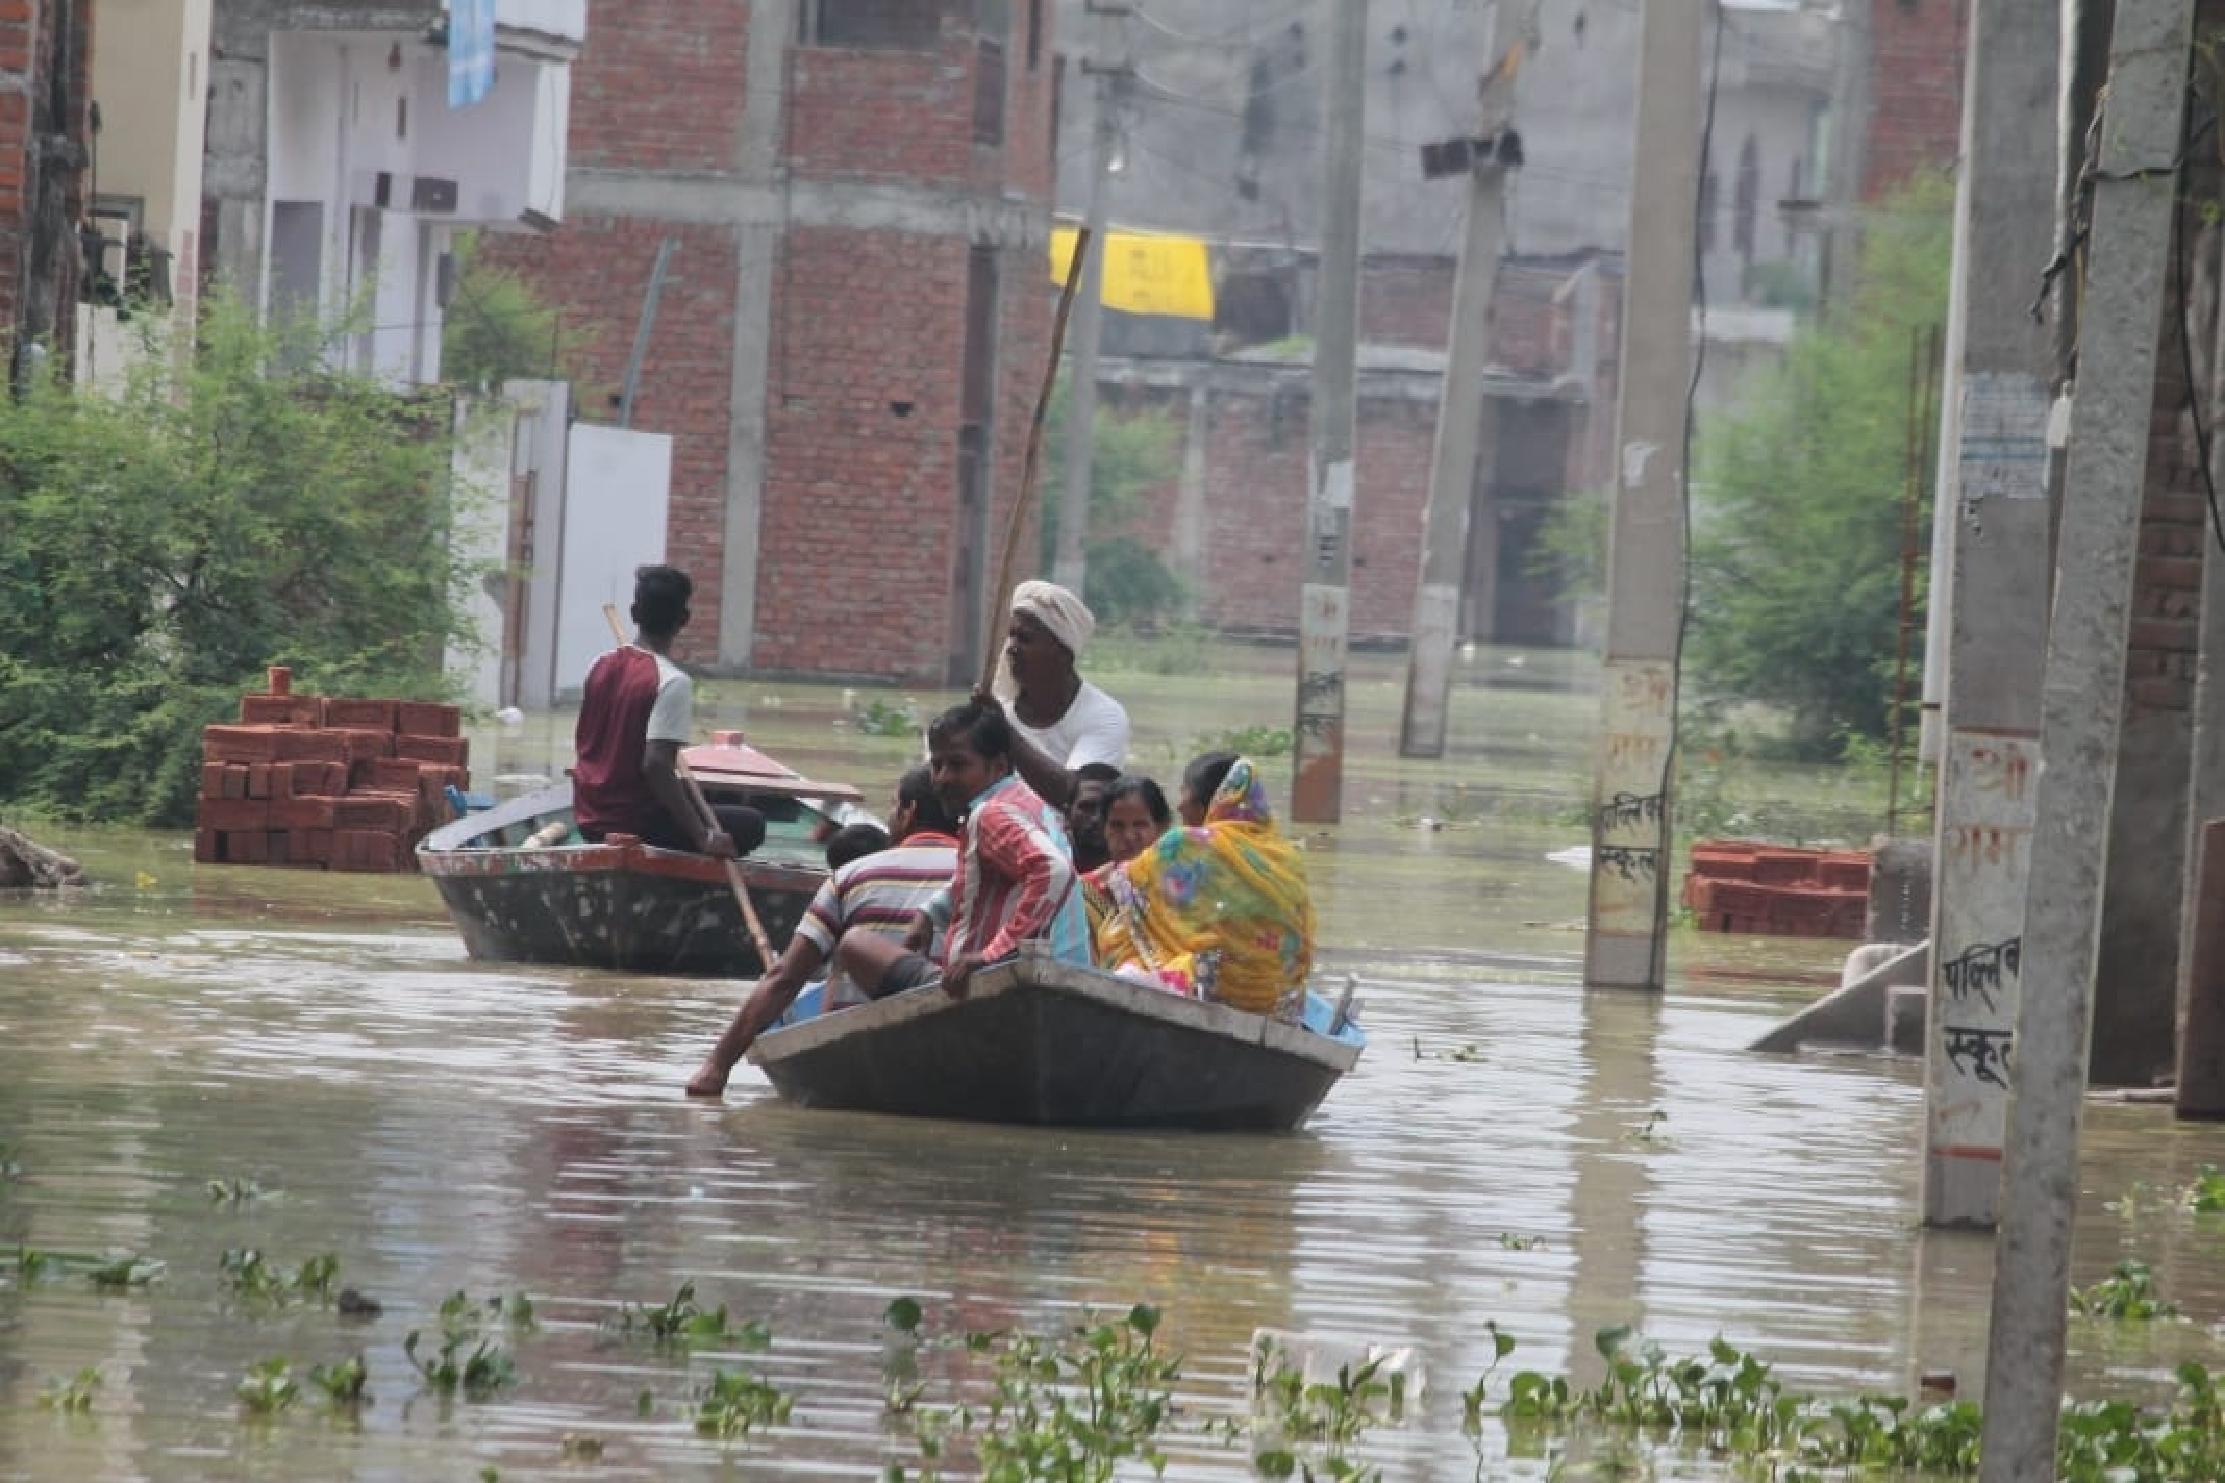 2013 के बाद वाराणसी में चेतावनी बिंदु के पार पहुंची गंगा, स्थिति भयावह